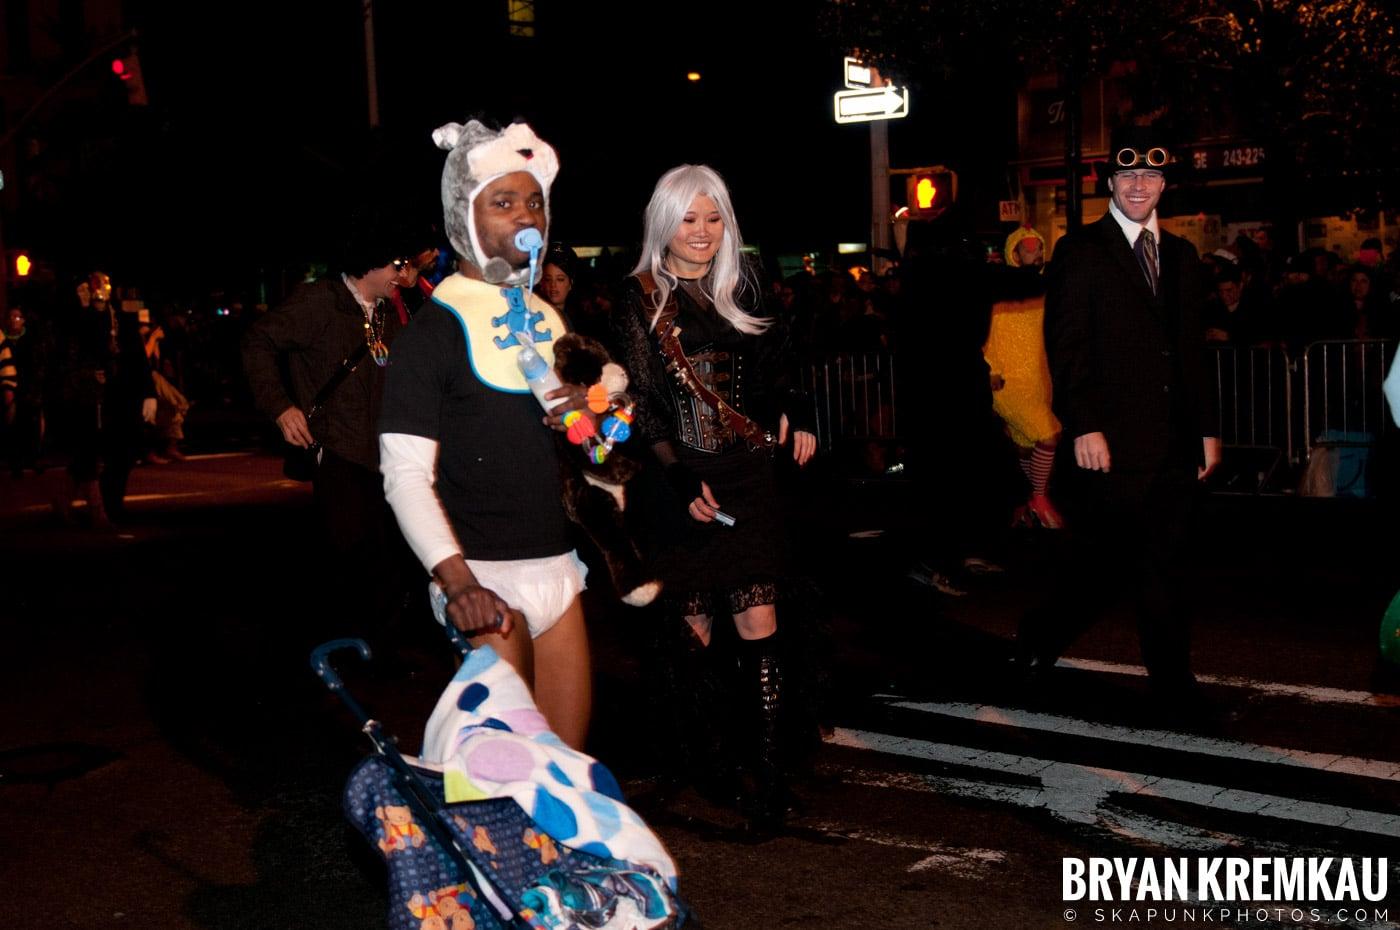 NYC Halloween Parade 2011 @ New York, NY - 10.31.11 (48)